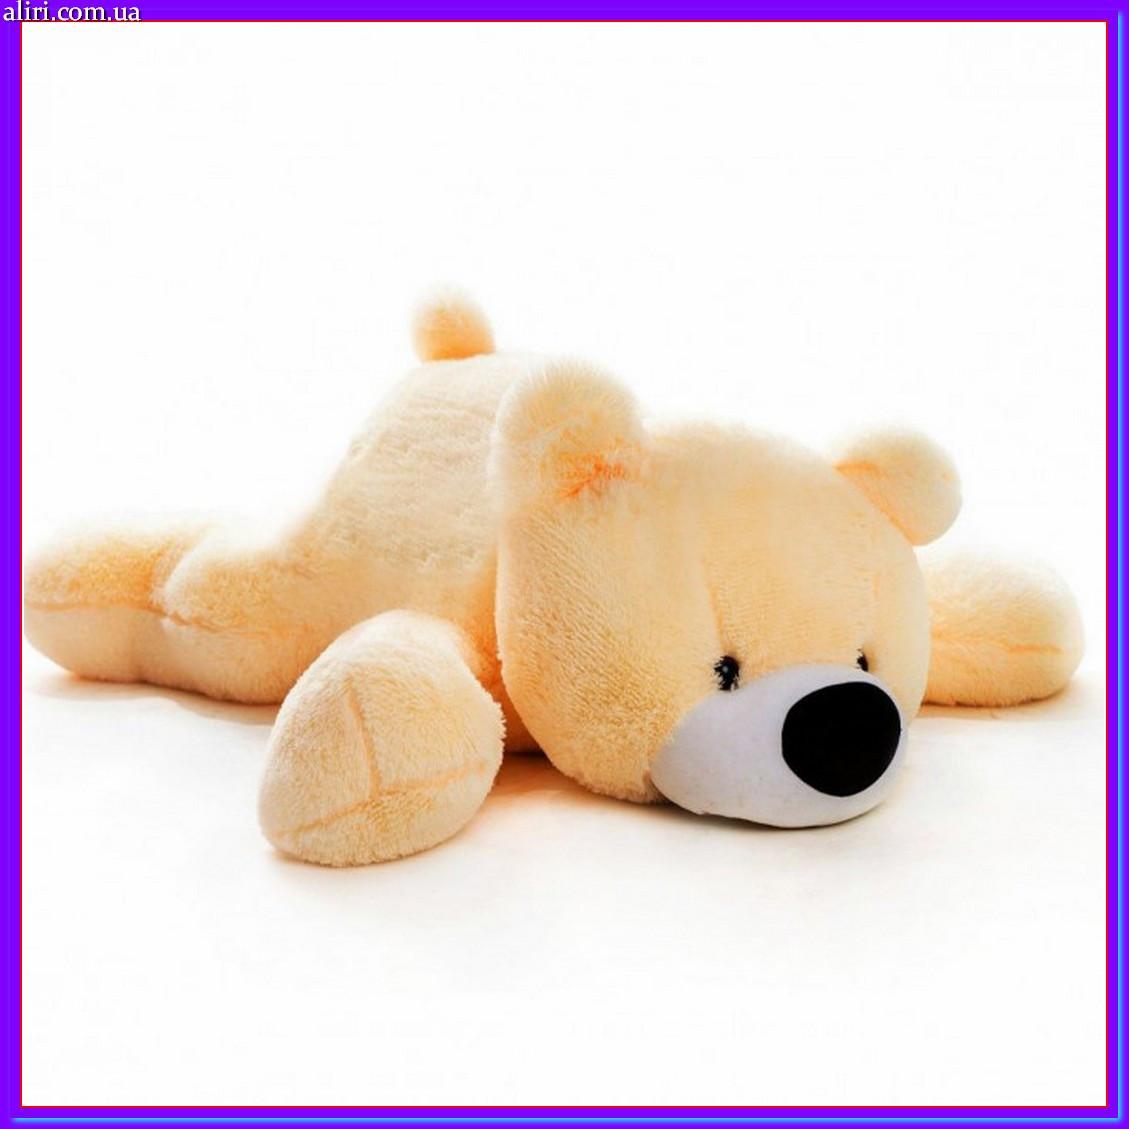 Милый лежачий мишка умка мягкая игрушка 70 см